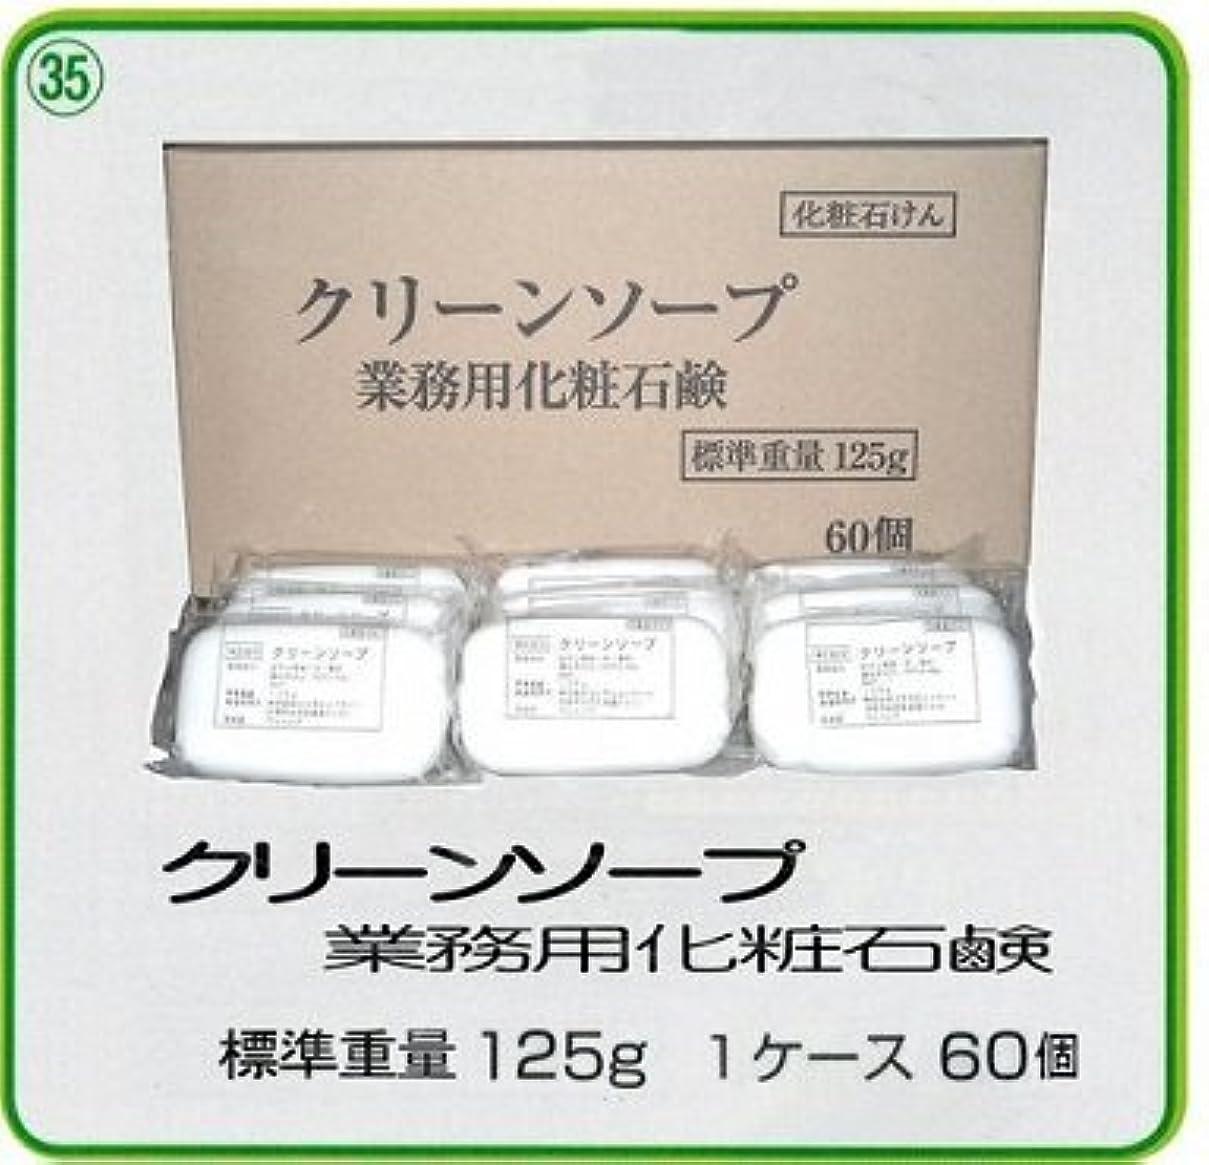 漏れ程度アトム業務用化粧石鹸 クリーンソープ1個125g/1箱60個入(品番7014)富士化成